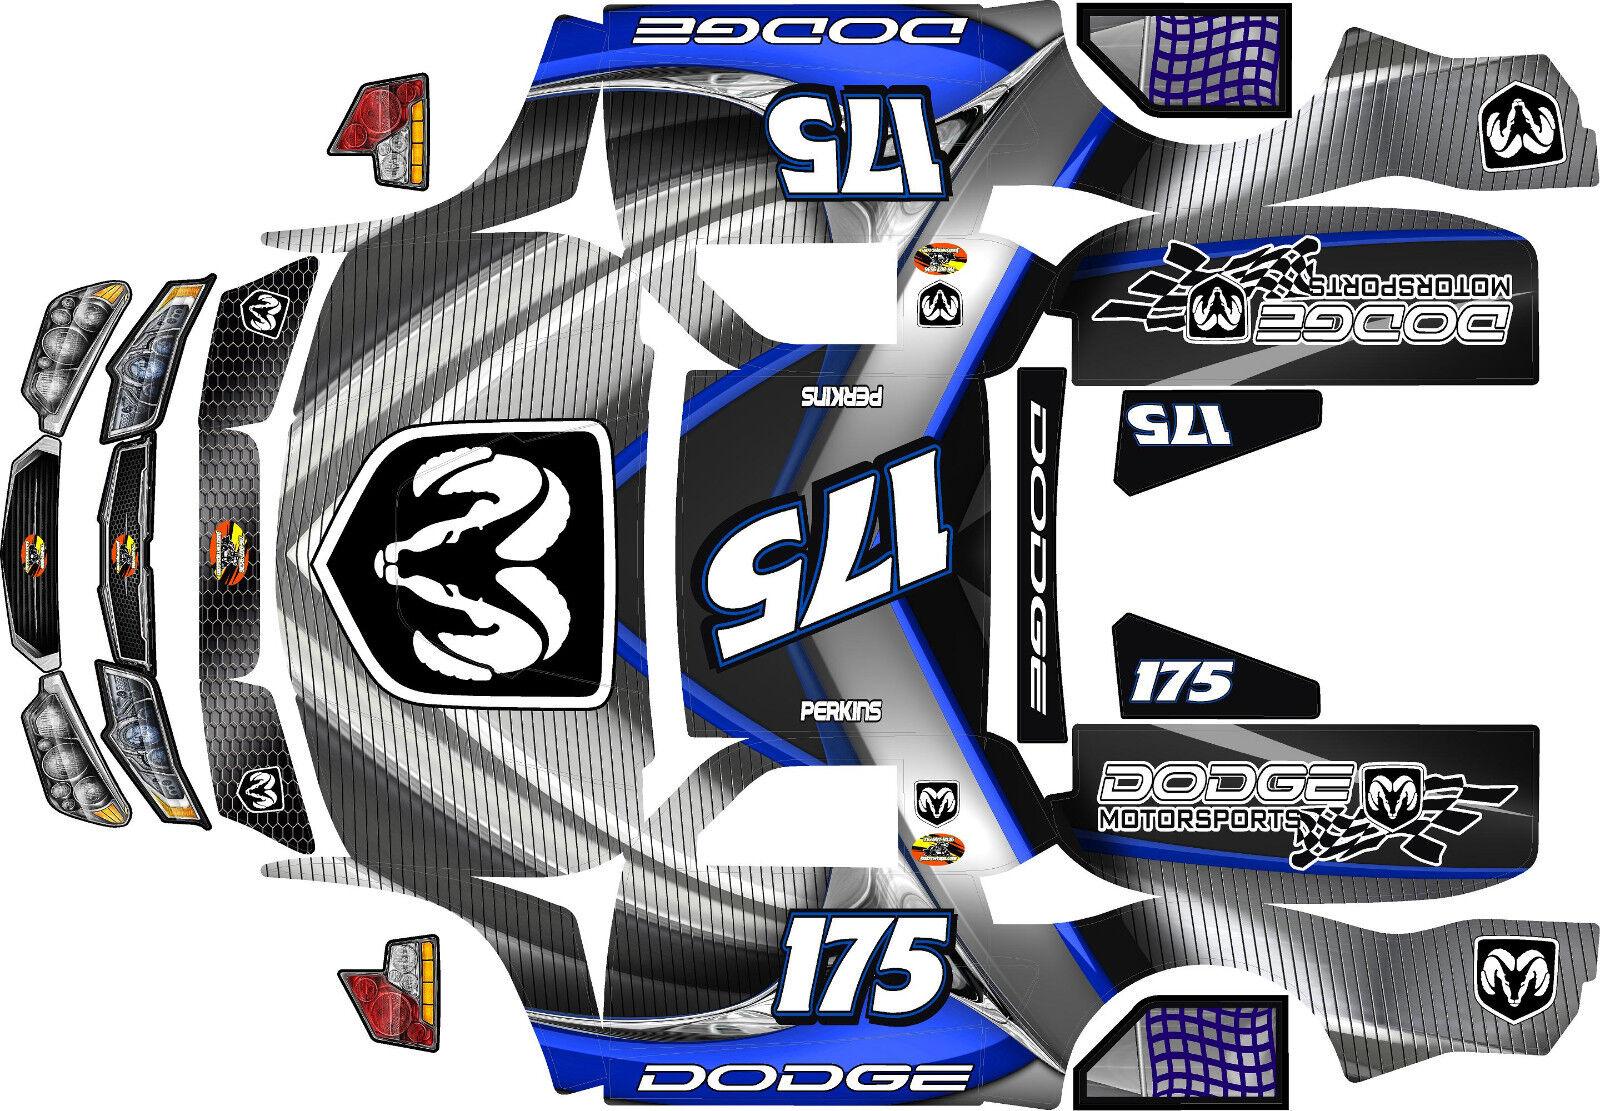 Losi 5ive T Dodge MotorDeporte tema Body Wrap Calcomanías Stickers Grandes Flex Rovan